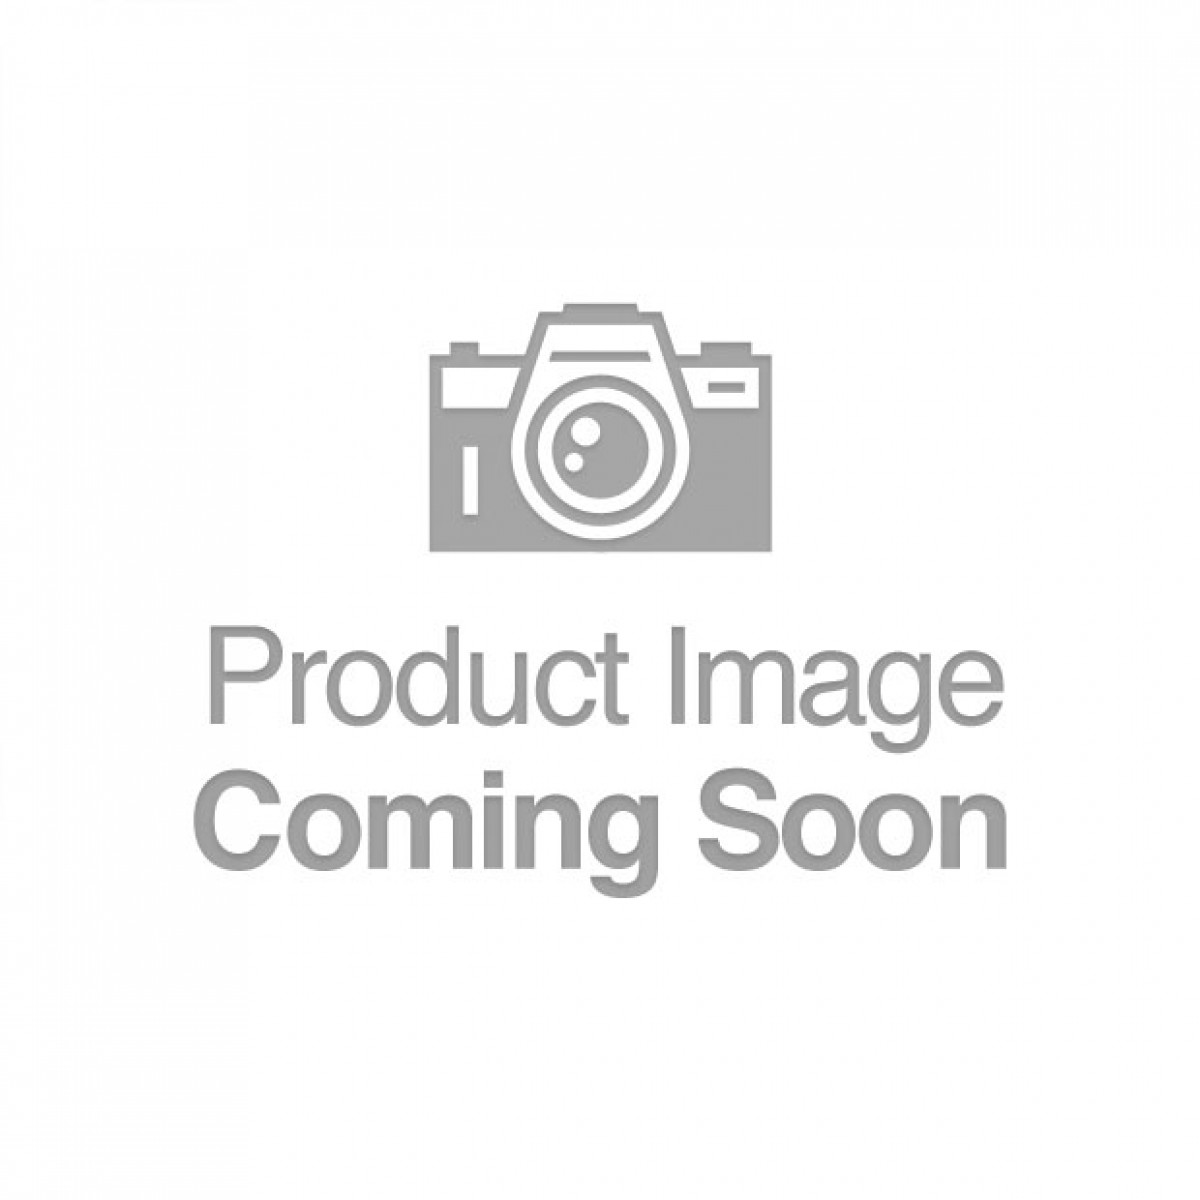 Alpha-Pro 7x P-Thump w/Remote